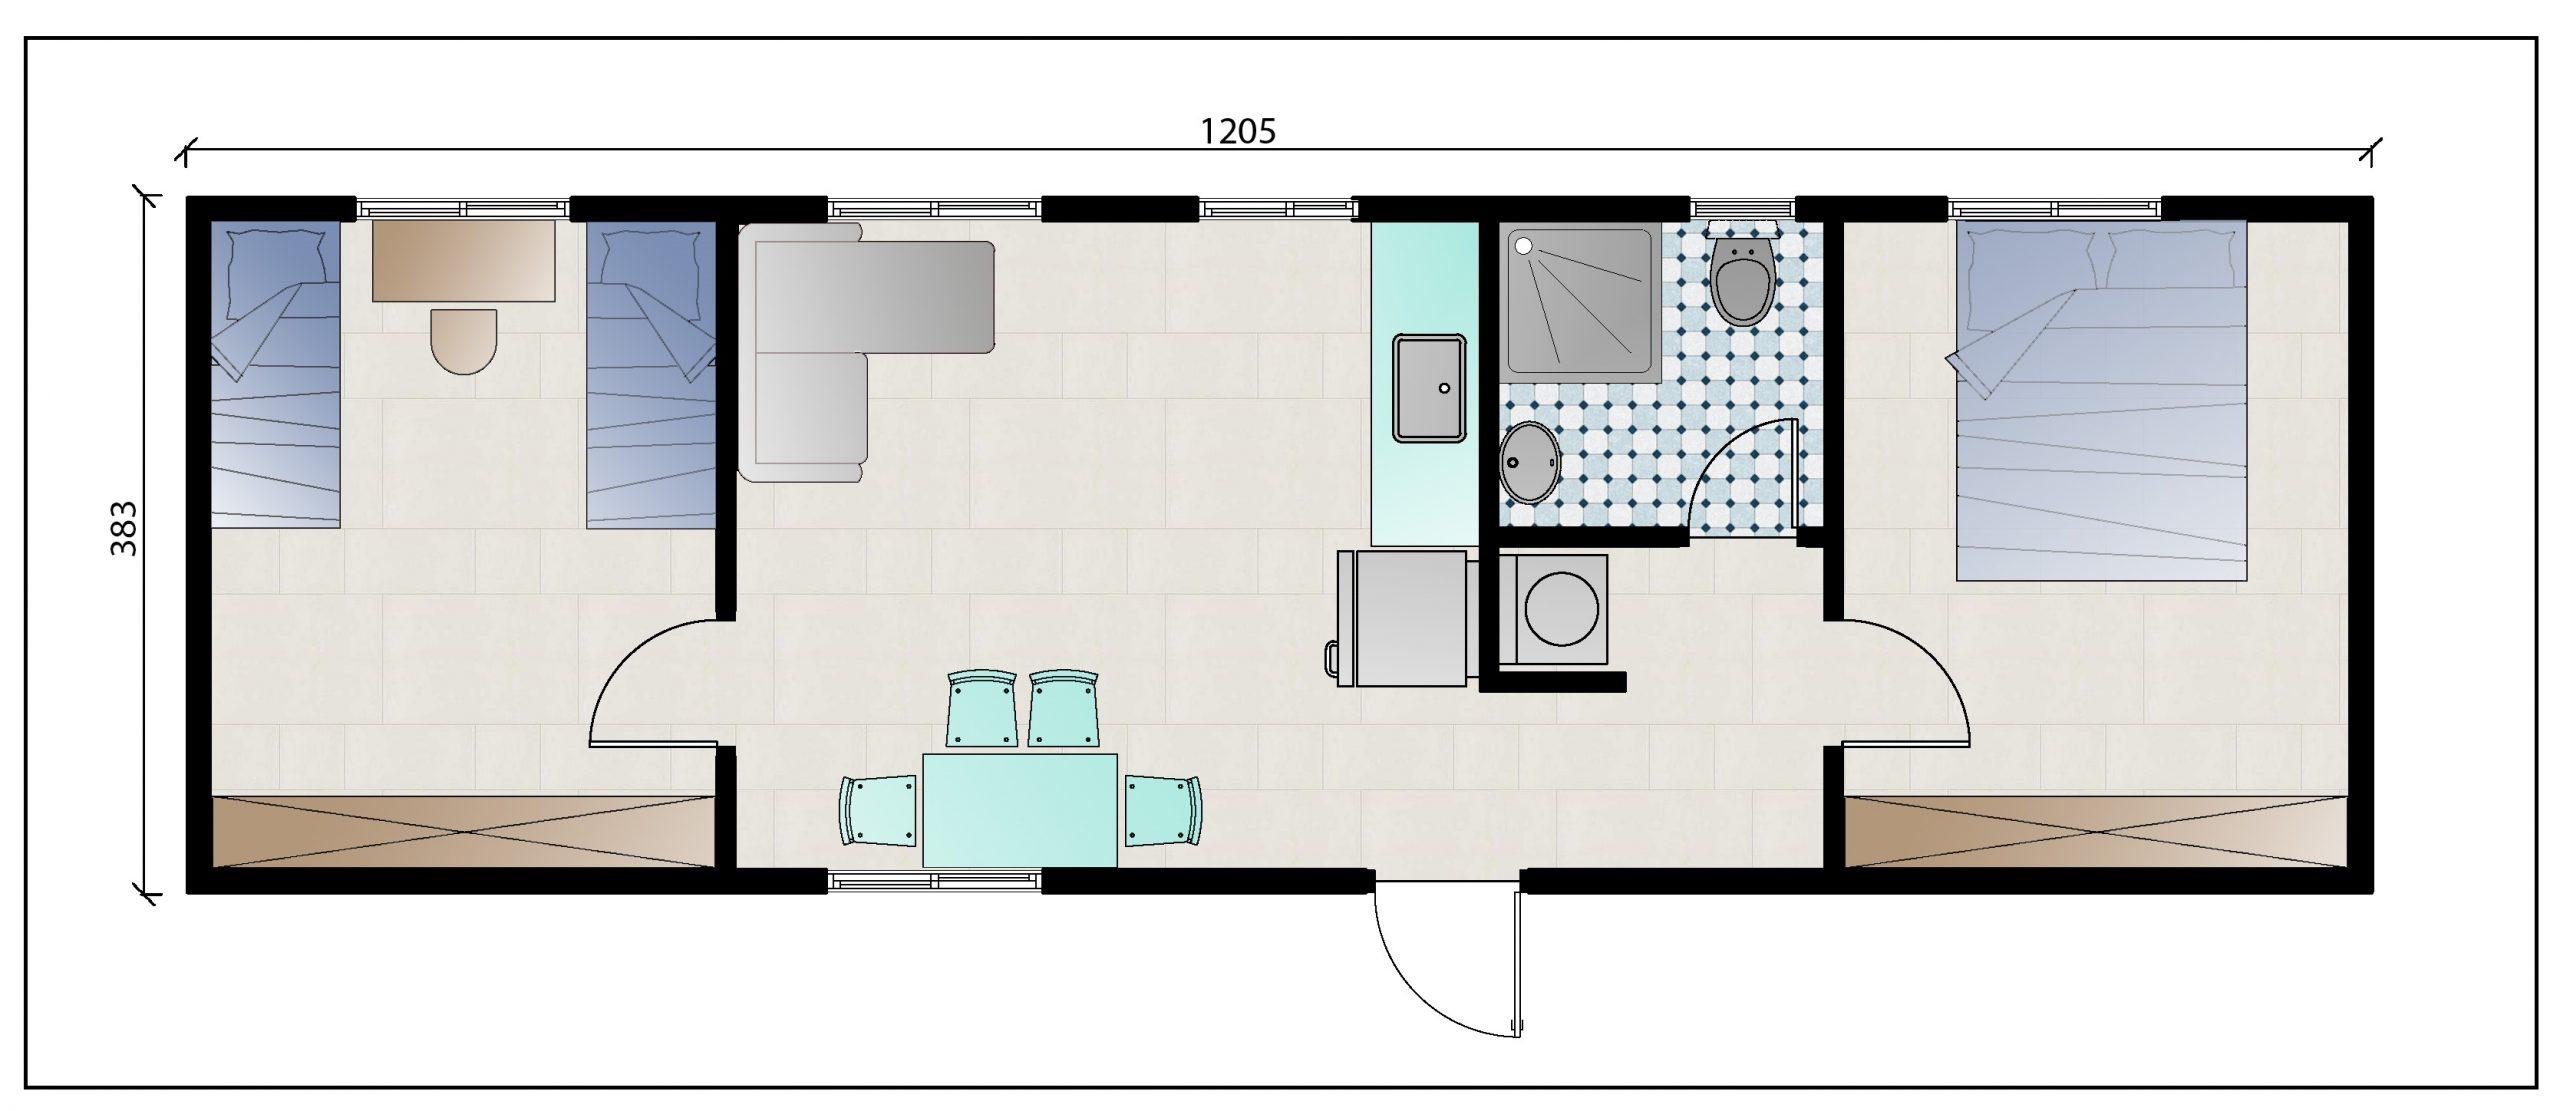 """תכנית מבנה יביל למגורים בגודל 45 מ""""ר"""